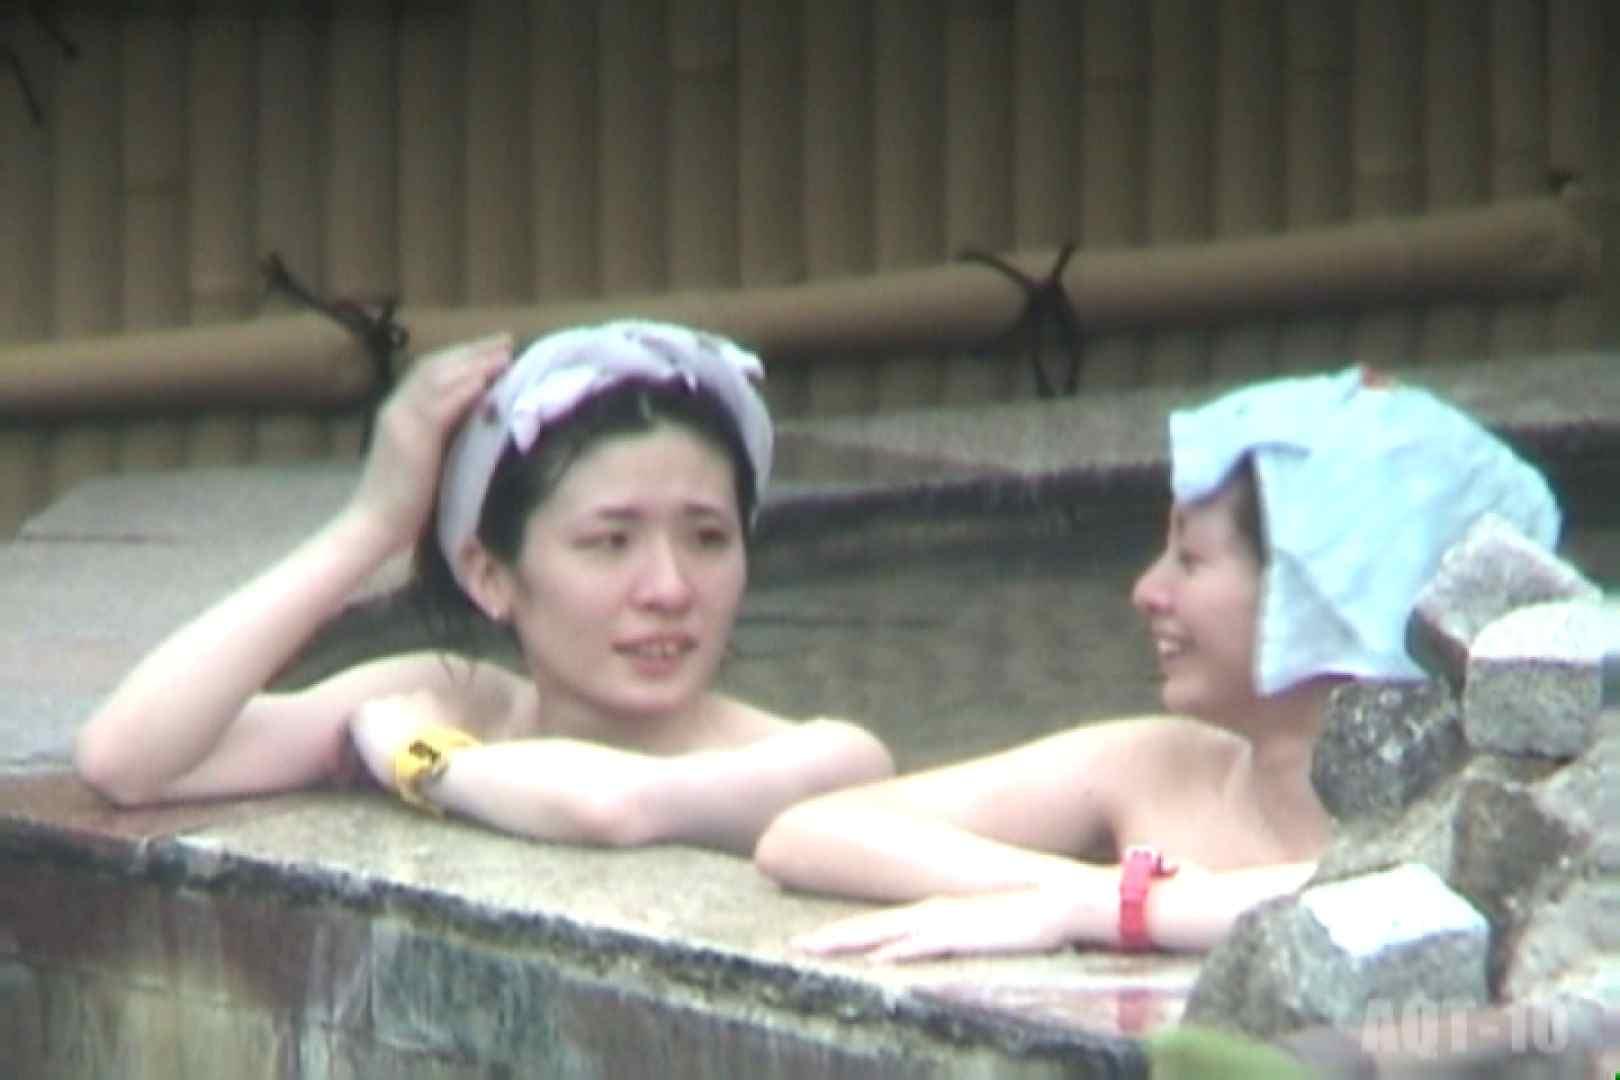 Aquaな露天風呂Vol.793 盗撮シリーズ  93PIX 34